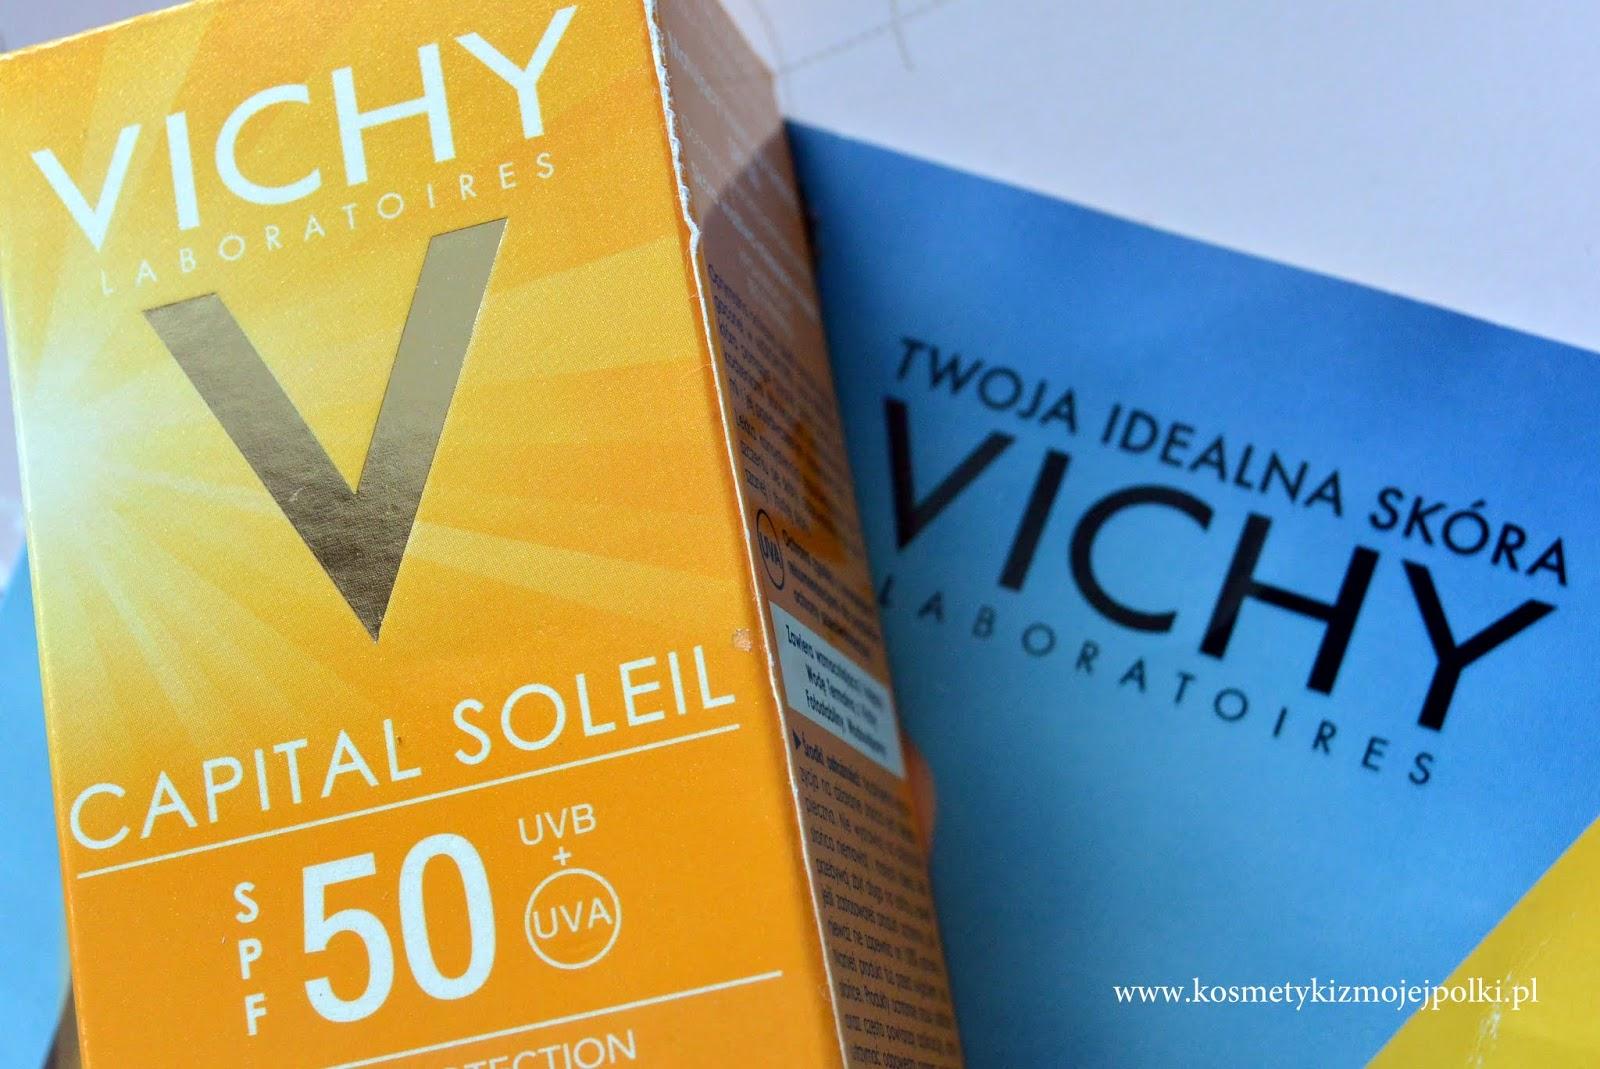 Najlepszy krem z wysoką ochroną przeciwsłoneczną | VICHY Capital Soleil SPF50 UVB + UVA